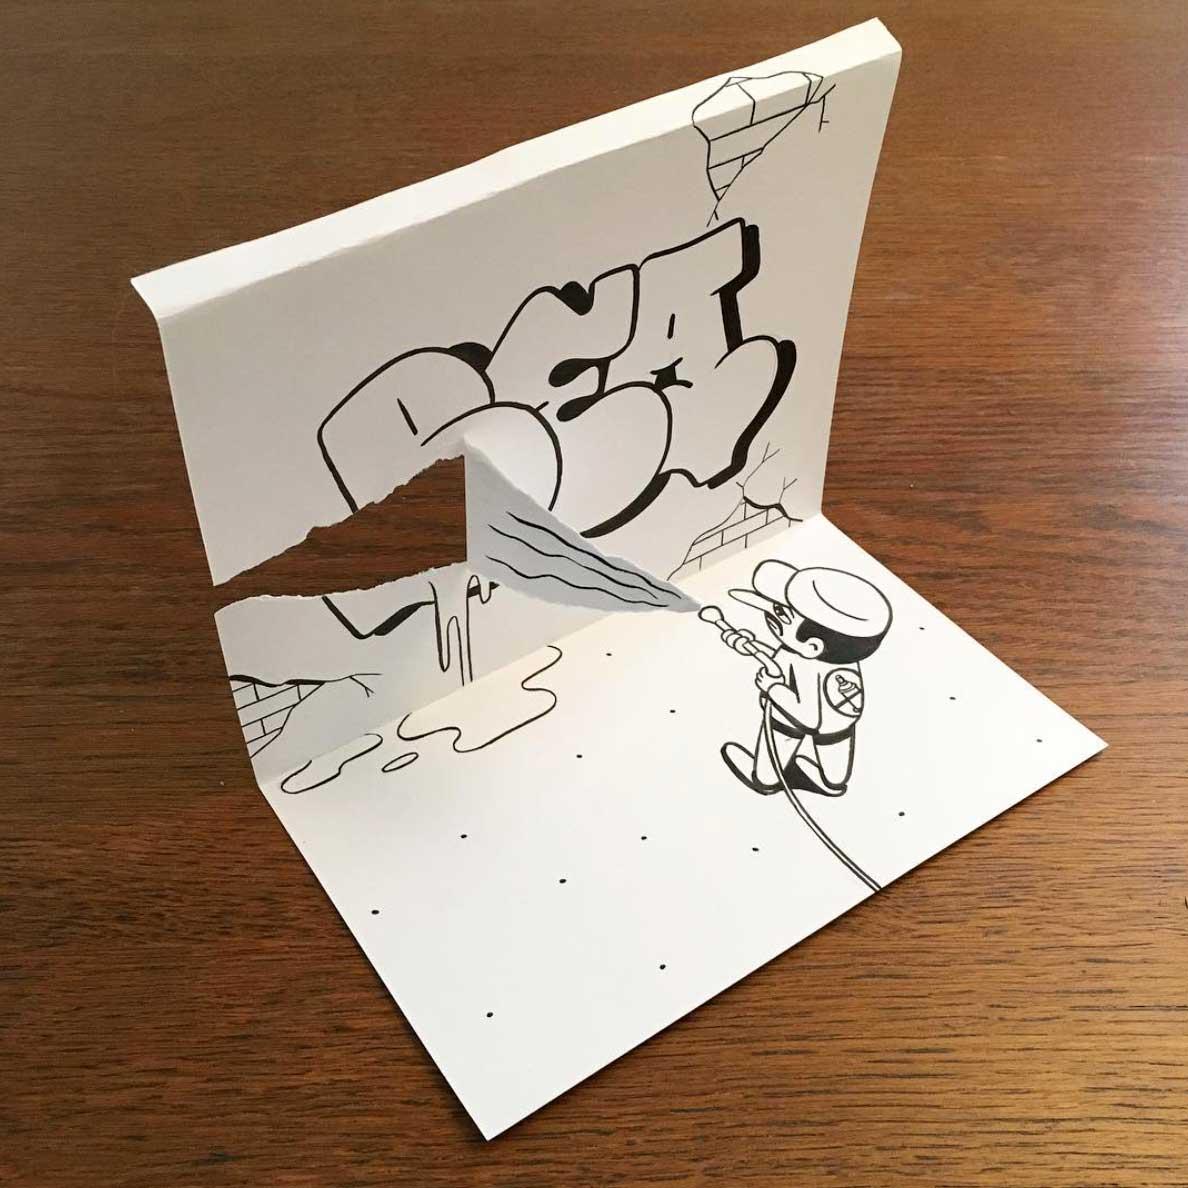 Neue Zeichnungen mit Kniff von HuskMitNavn